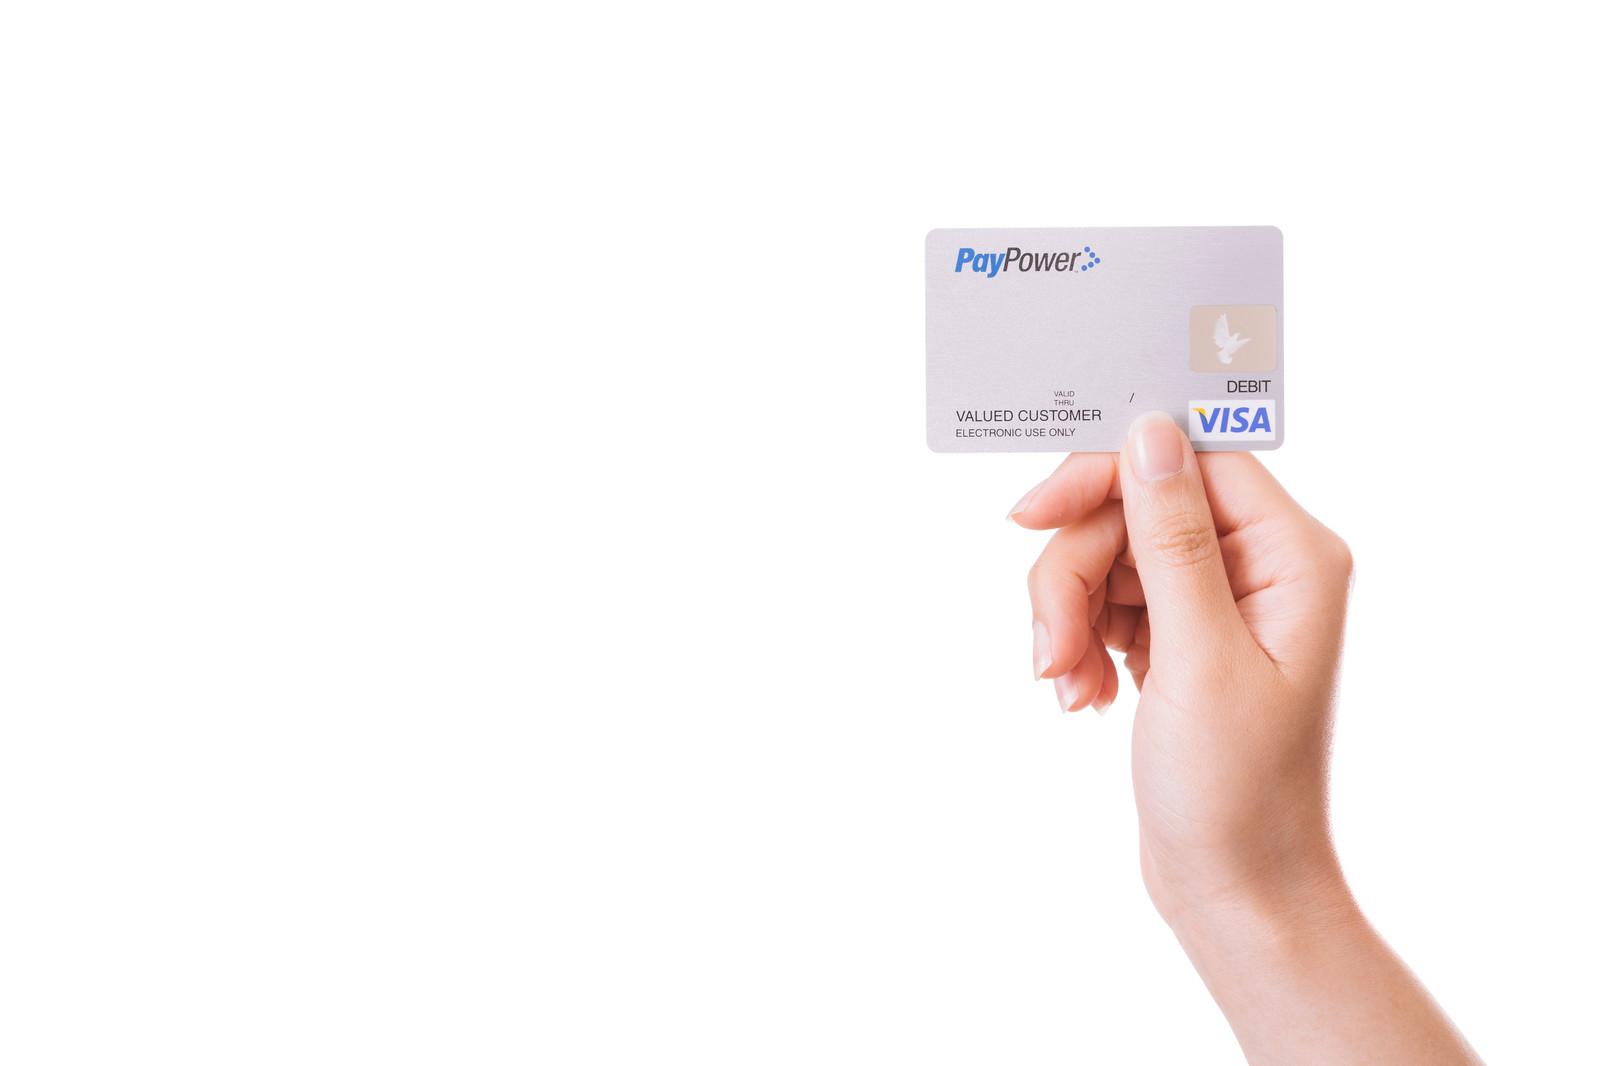 医療費は保険の診察代もクレジットカードで払える?